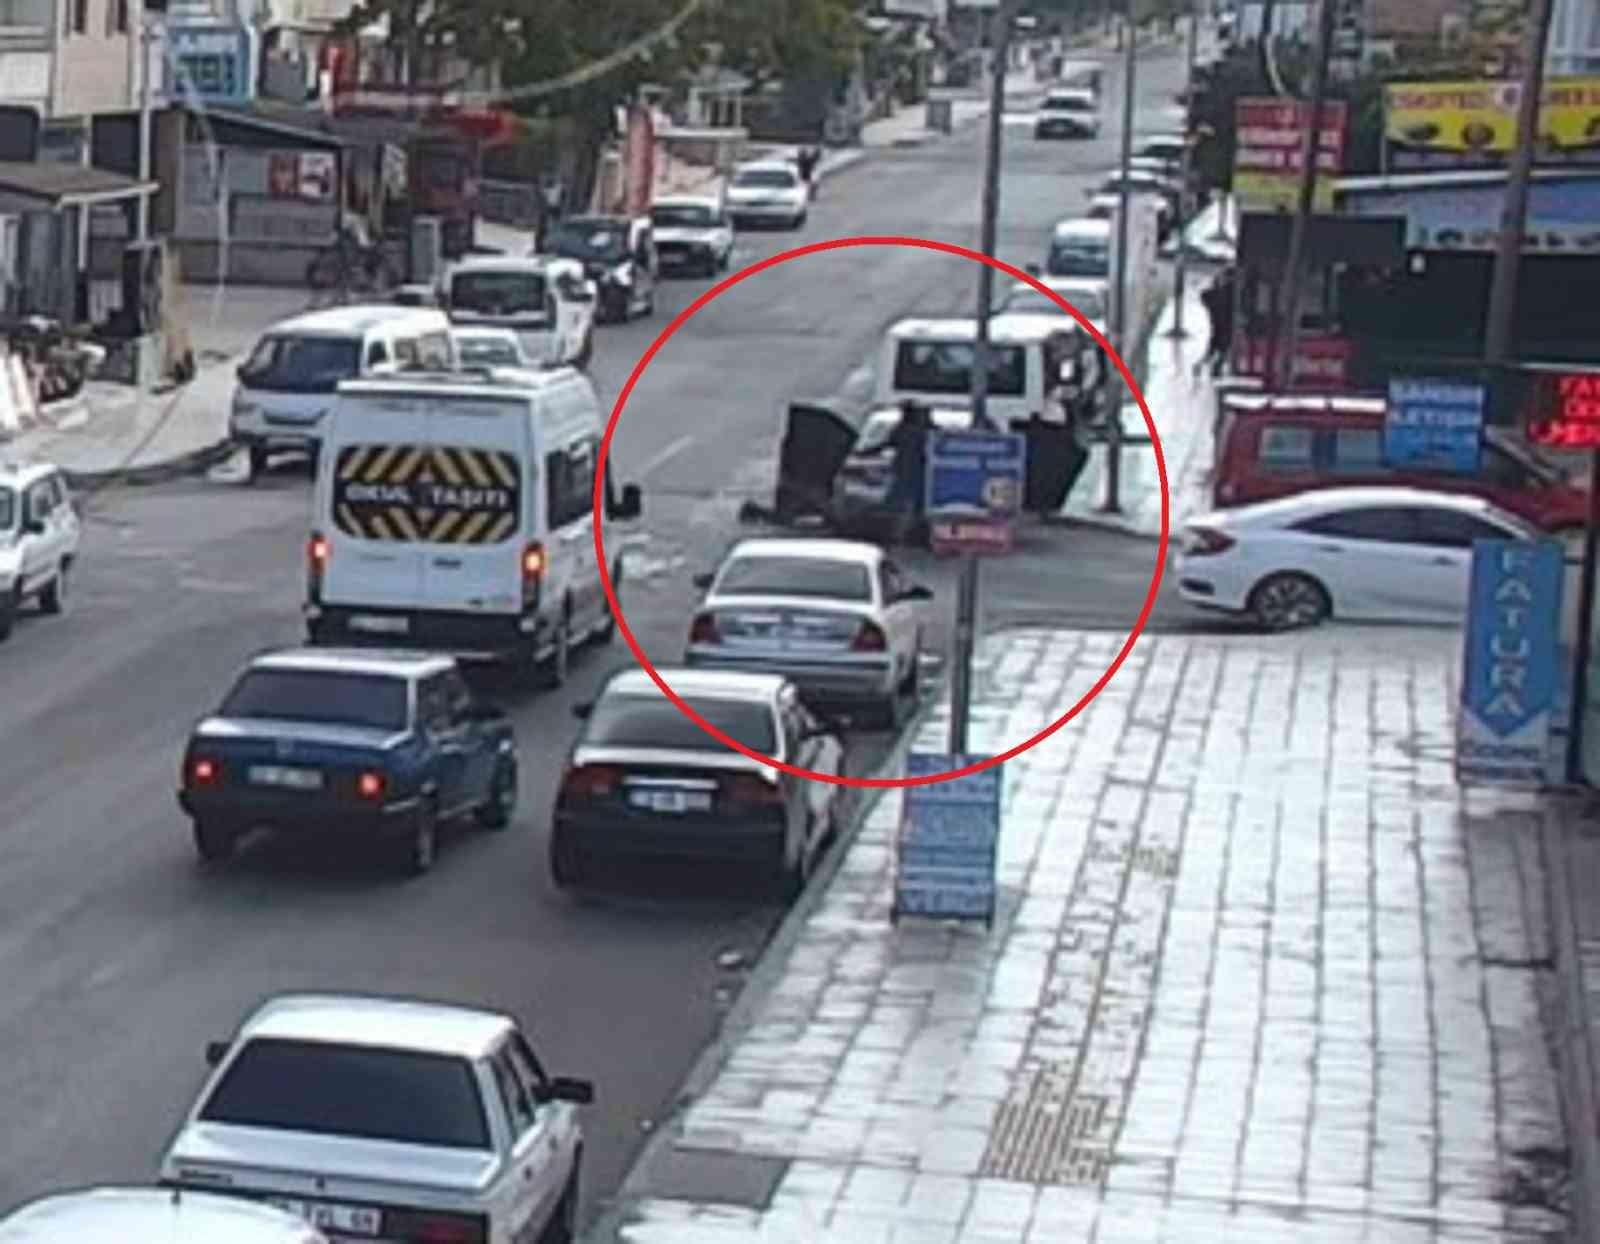 Çorum'daki kardeş cinayeti kamerada #corum